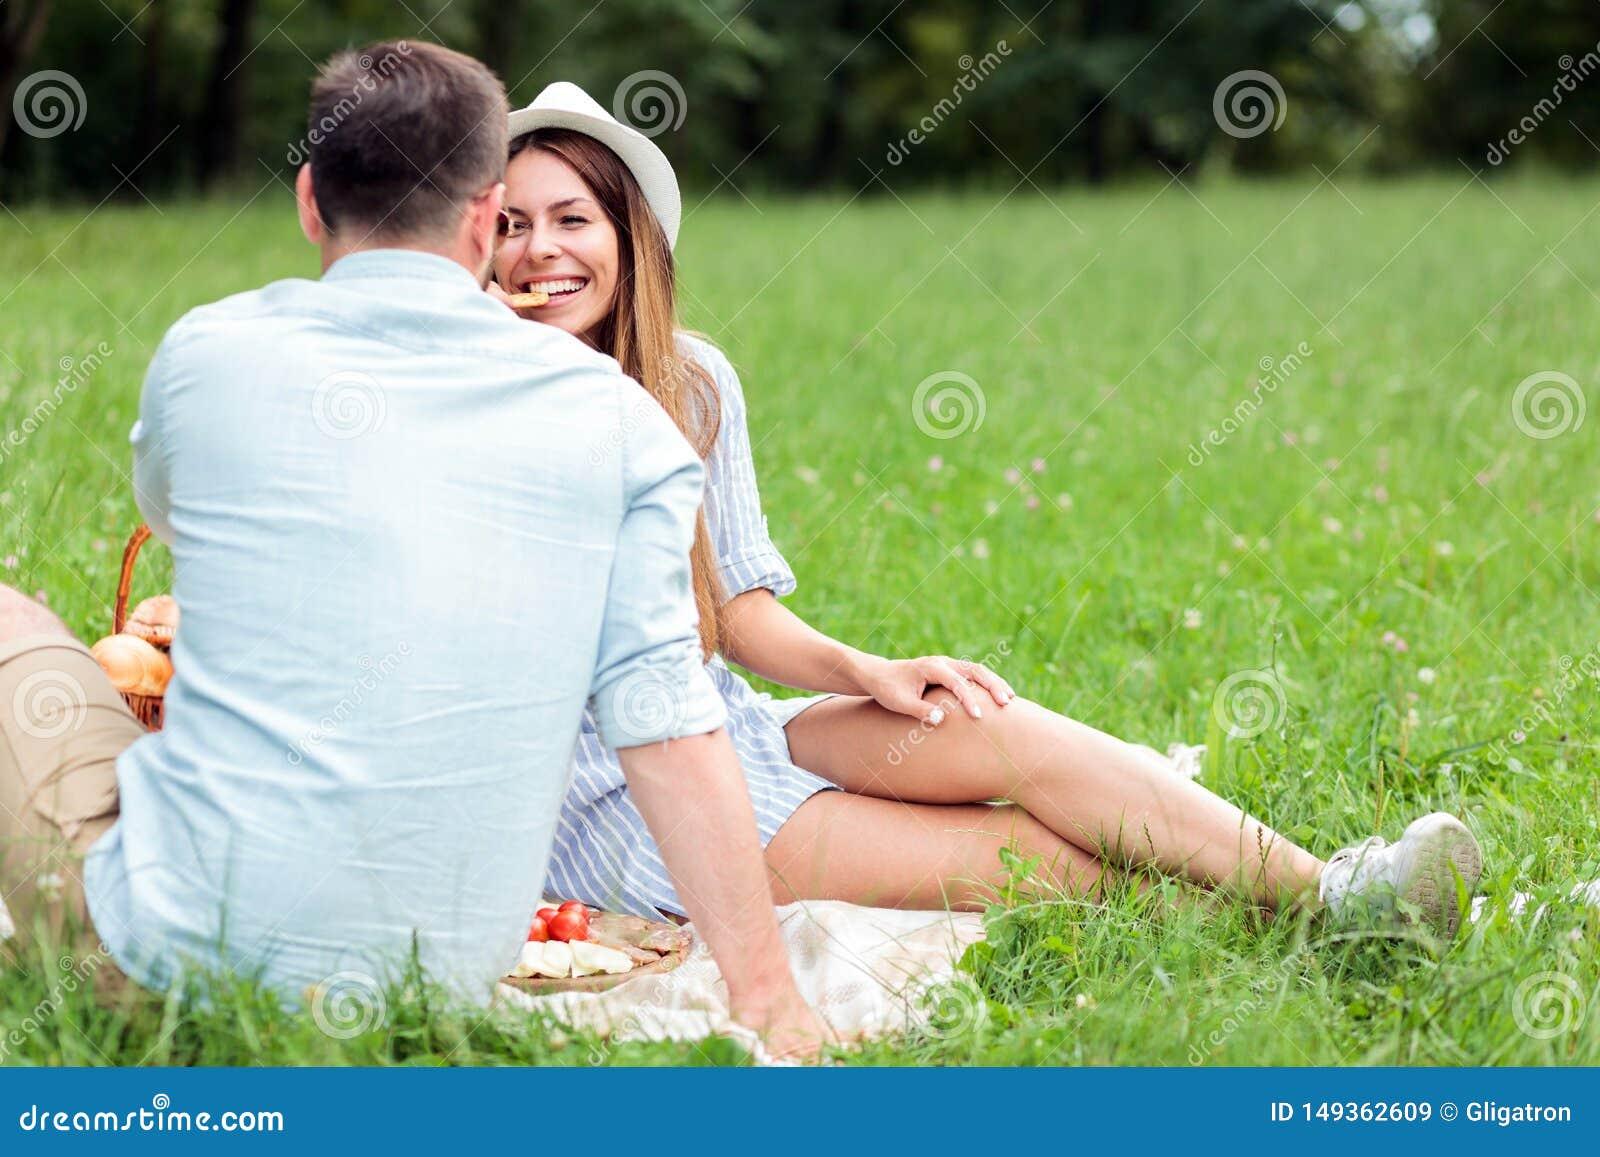 Giovani coppie felici che si divertono in un parco, sedentesi su una coperta di picnic